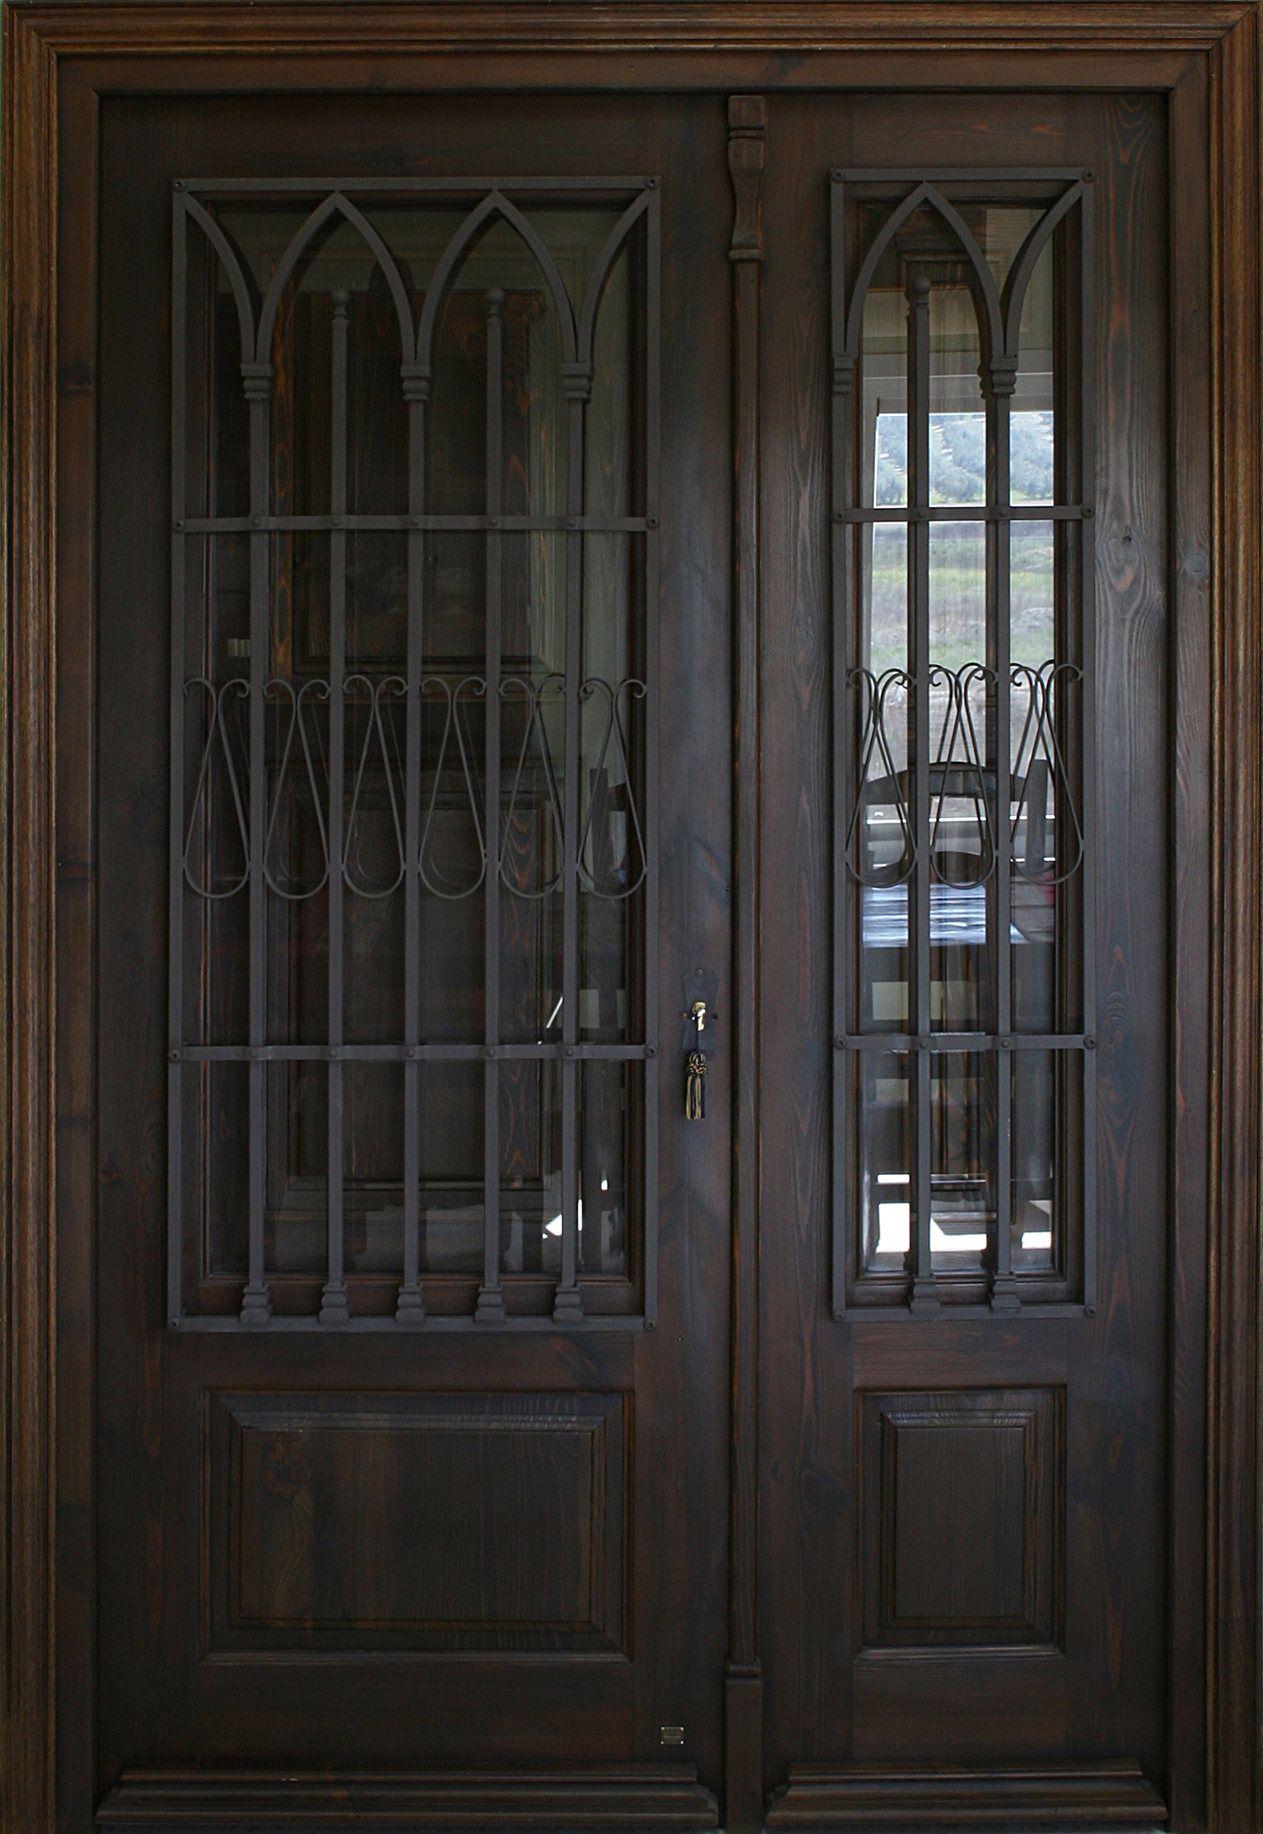 Puerta de estilo modernista de una hoja y fijo lateral con - Rejas de hierro forjado ...